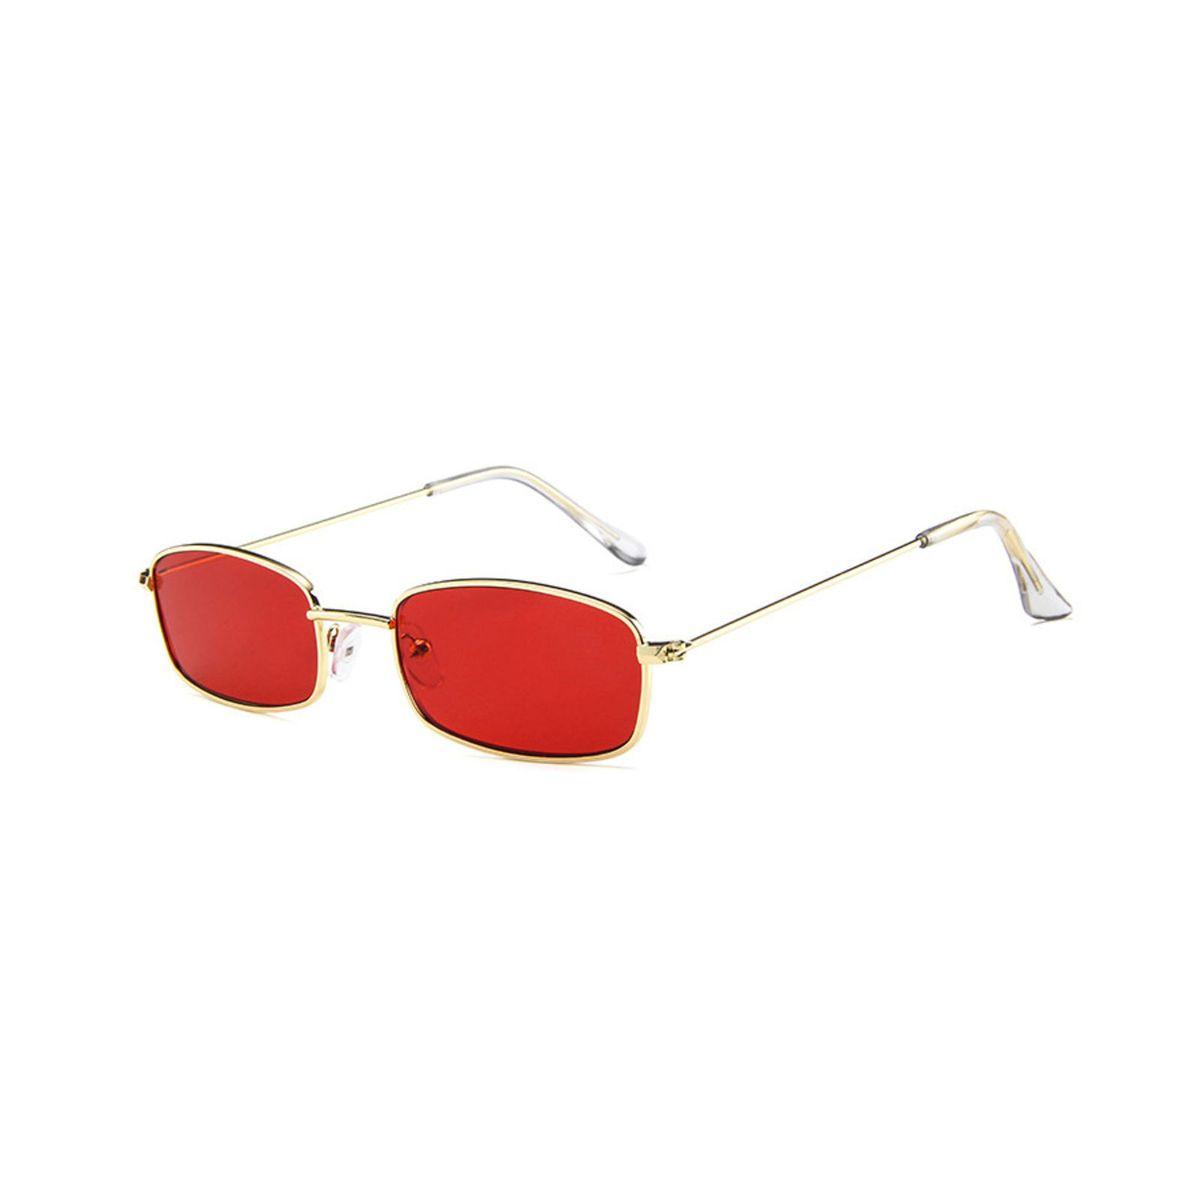 9bfc37d3b Óculos de Sol Carty 😎 Retangular Vintage Retrô Metal Vermelho | Óculos  Feminino Nunca Usado 30722497 | enjoei